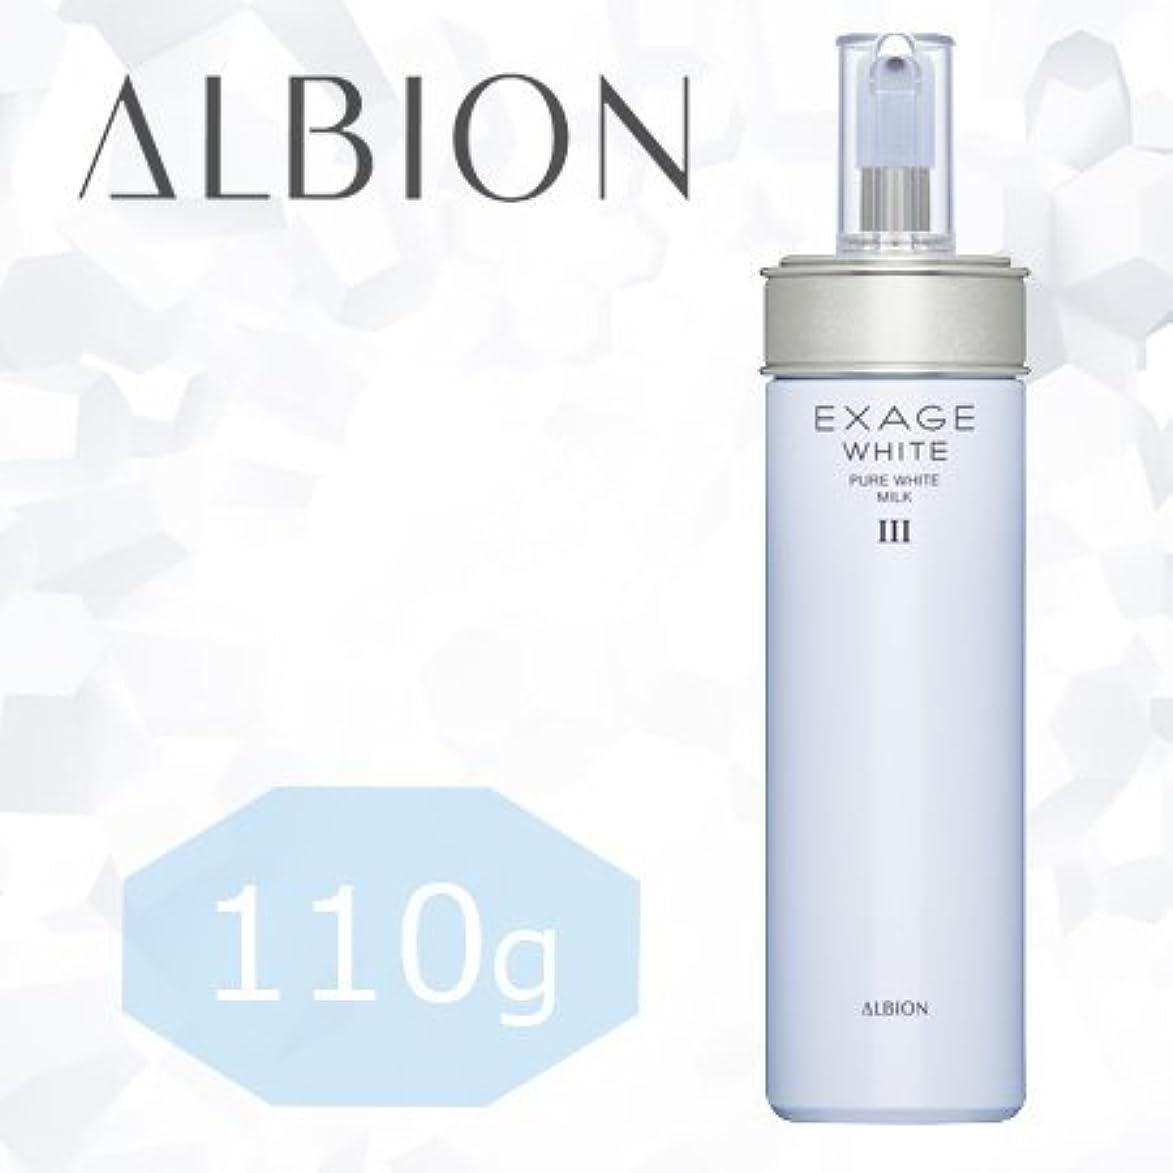 ミキサー喪合計アルビオン エクサージュホワイト ピュアホワイト ミルク 3 110g